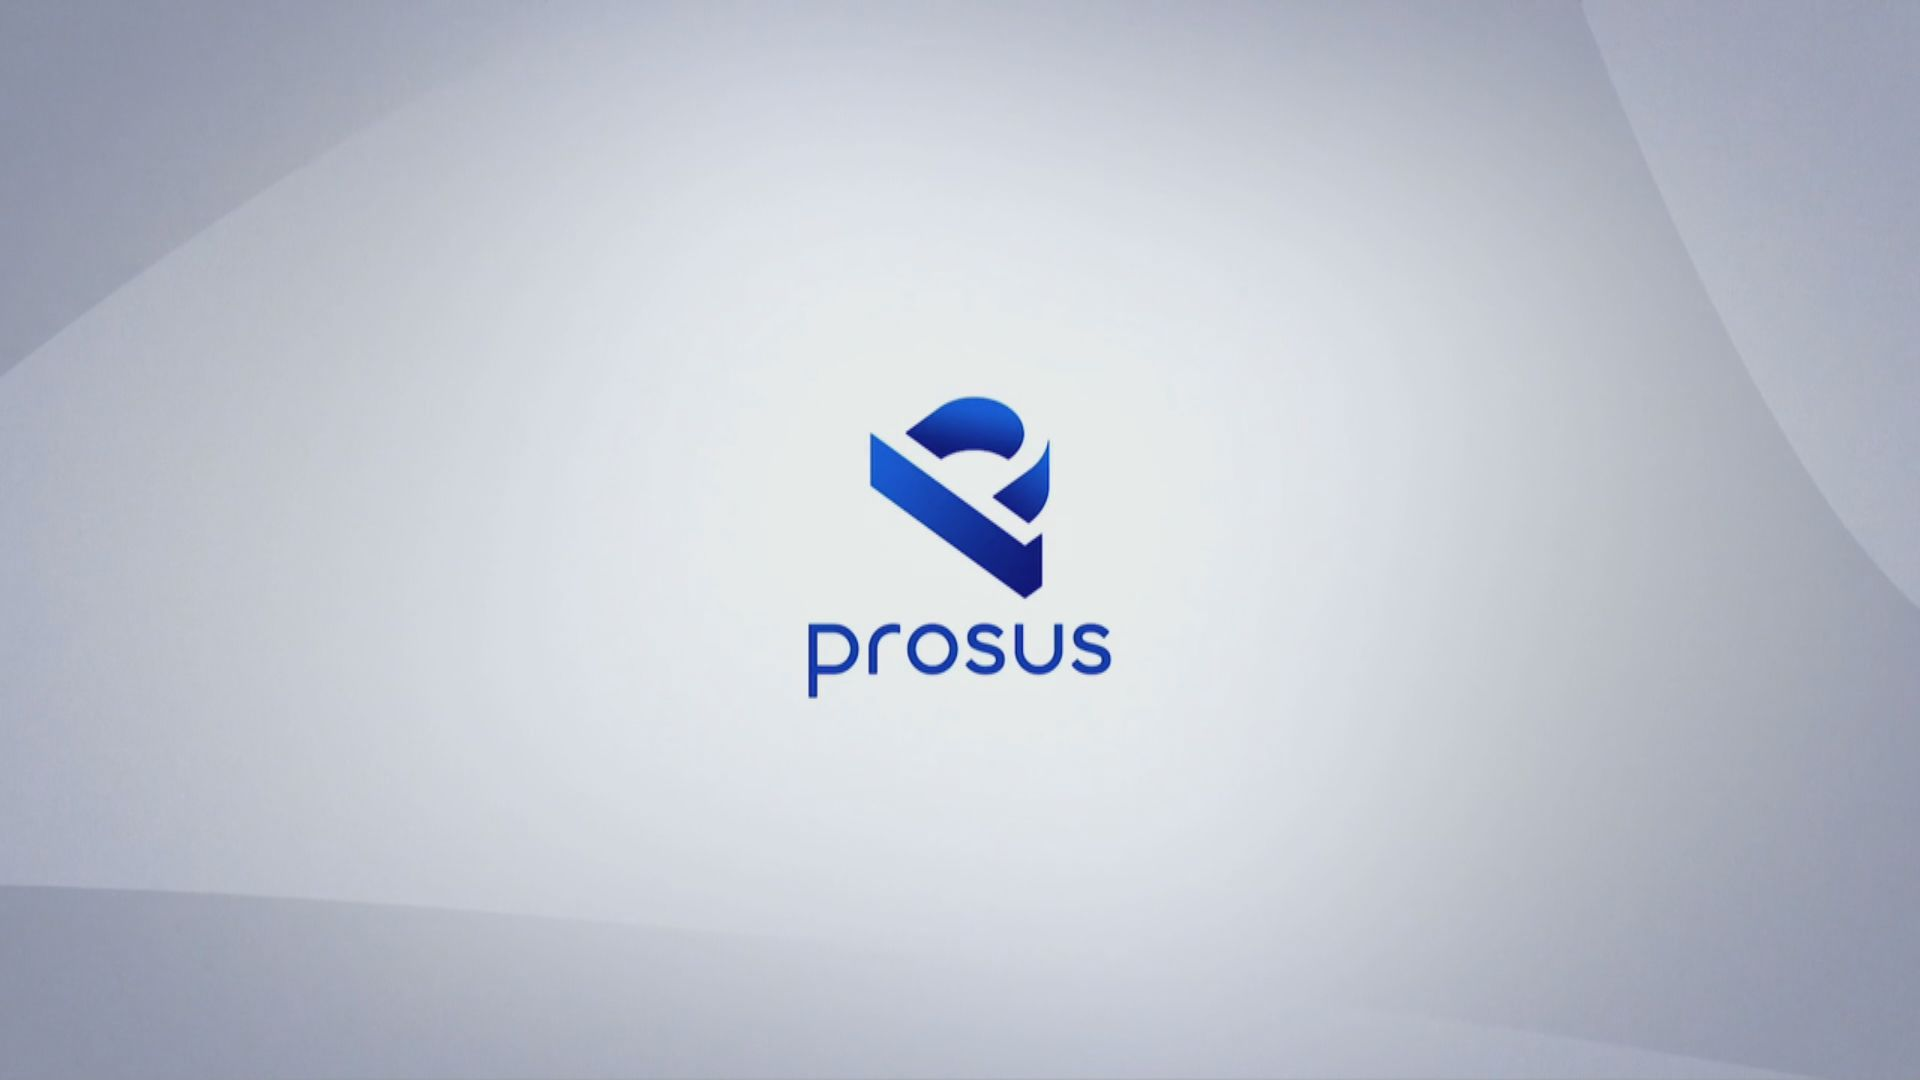 【揸住31%騰訊】Prosus掛牌高開近30%